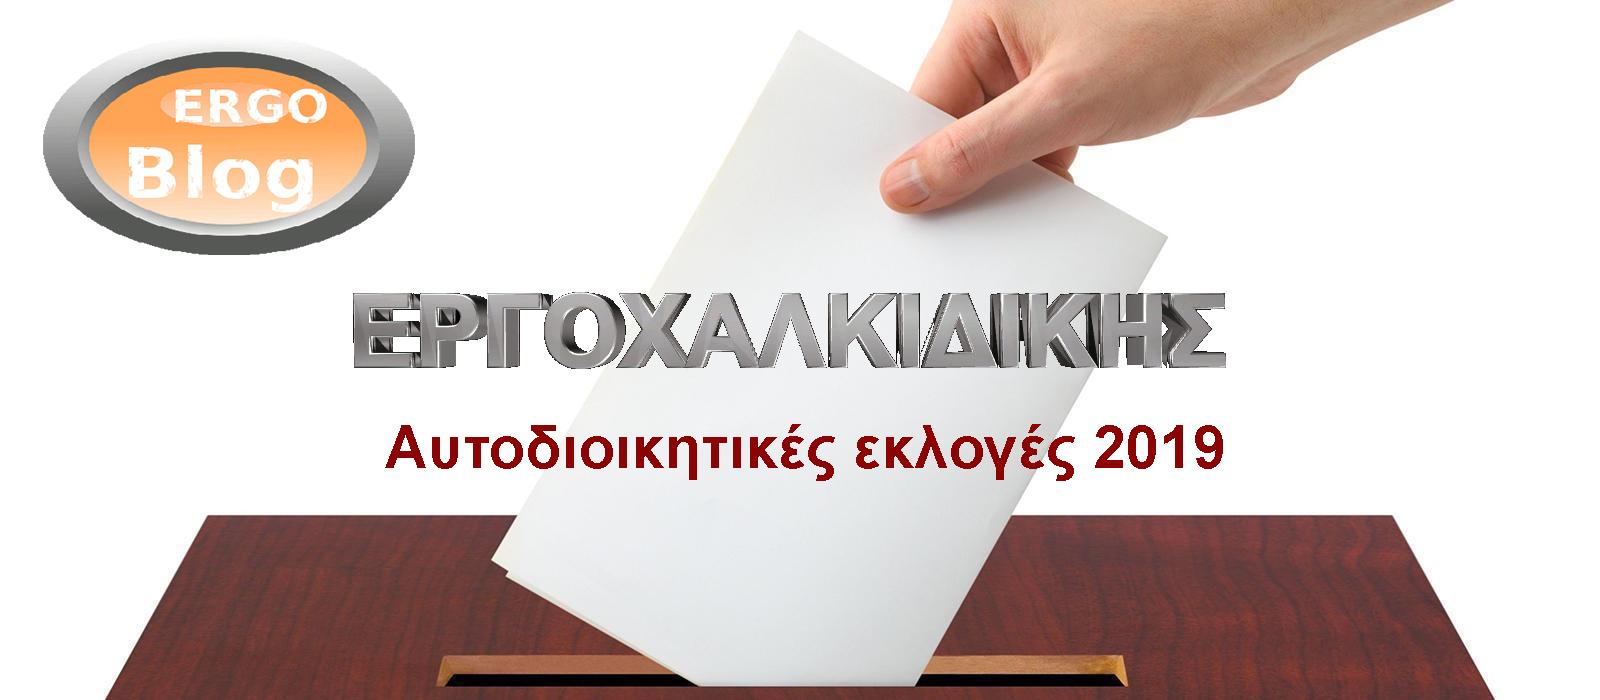 Εκλογές 2019: Τι ώρα ανοίγουν και τι ώρα κλείνουν οι κάλπες